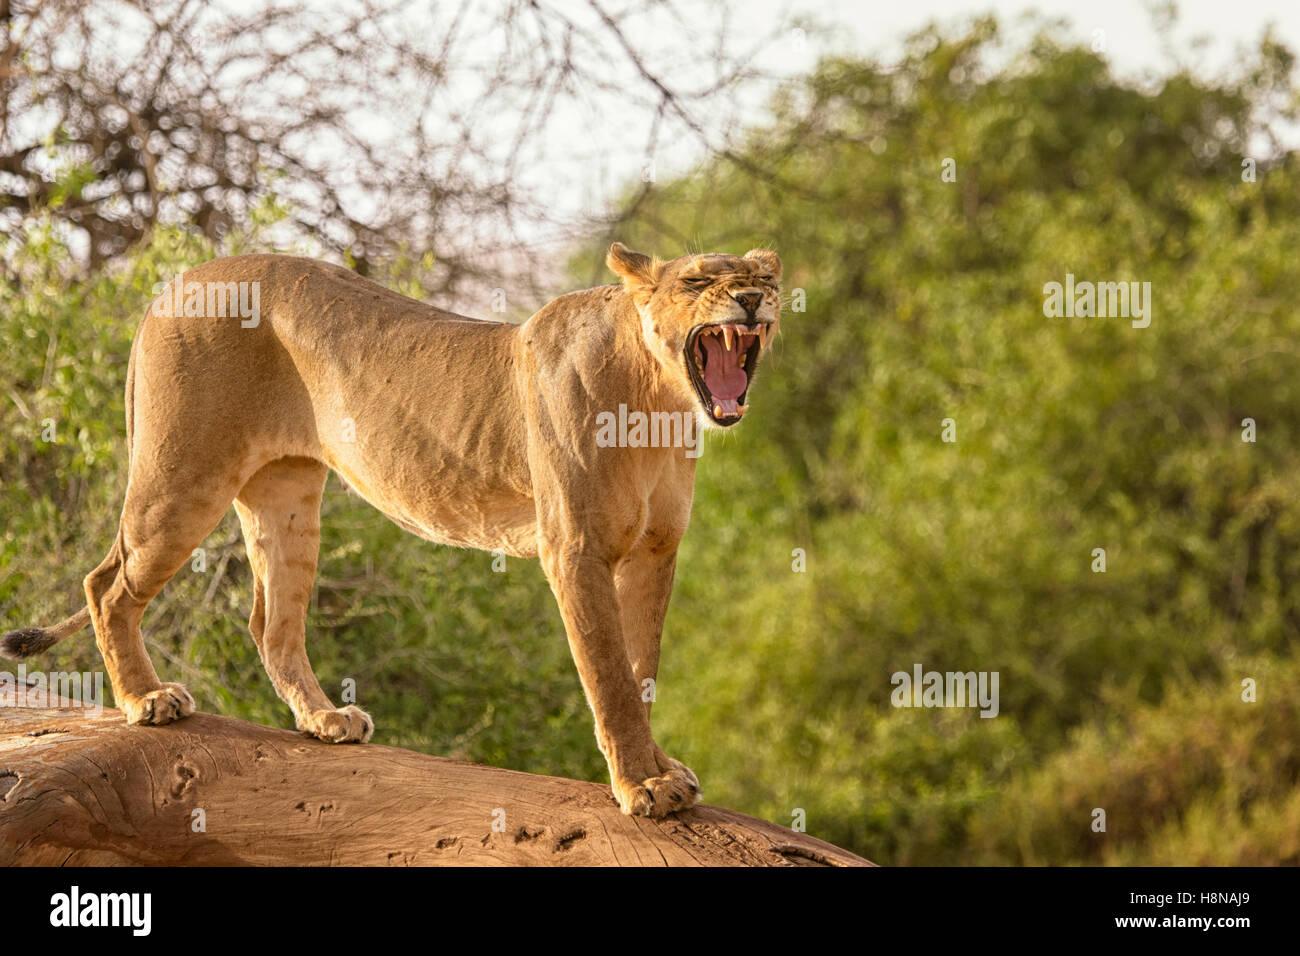 Full Body profile view of an adult  Samburu Lion, Panthera leo, yawning, Buffalo National Reserve Northern Kenya, - Stock Image